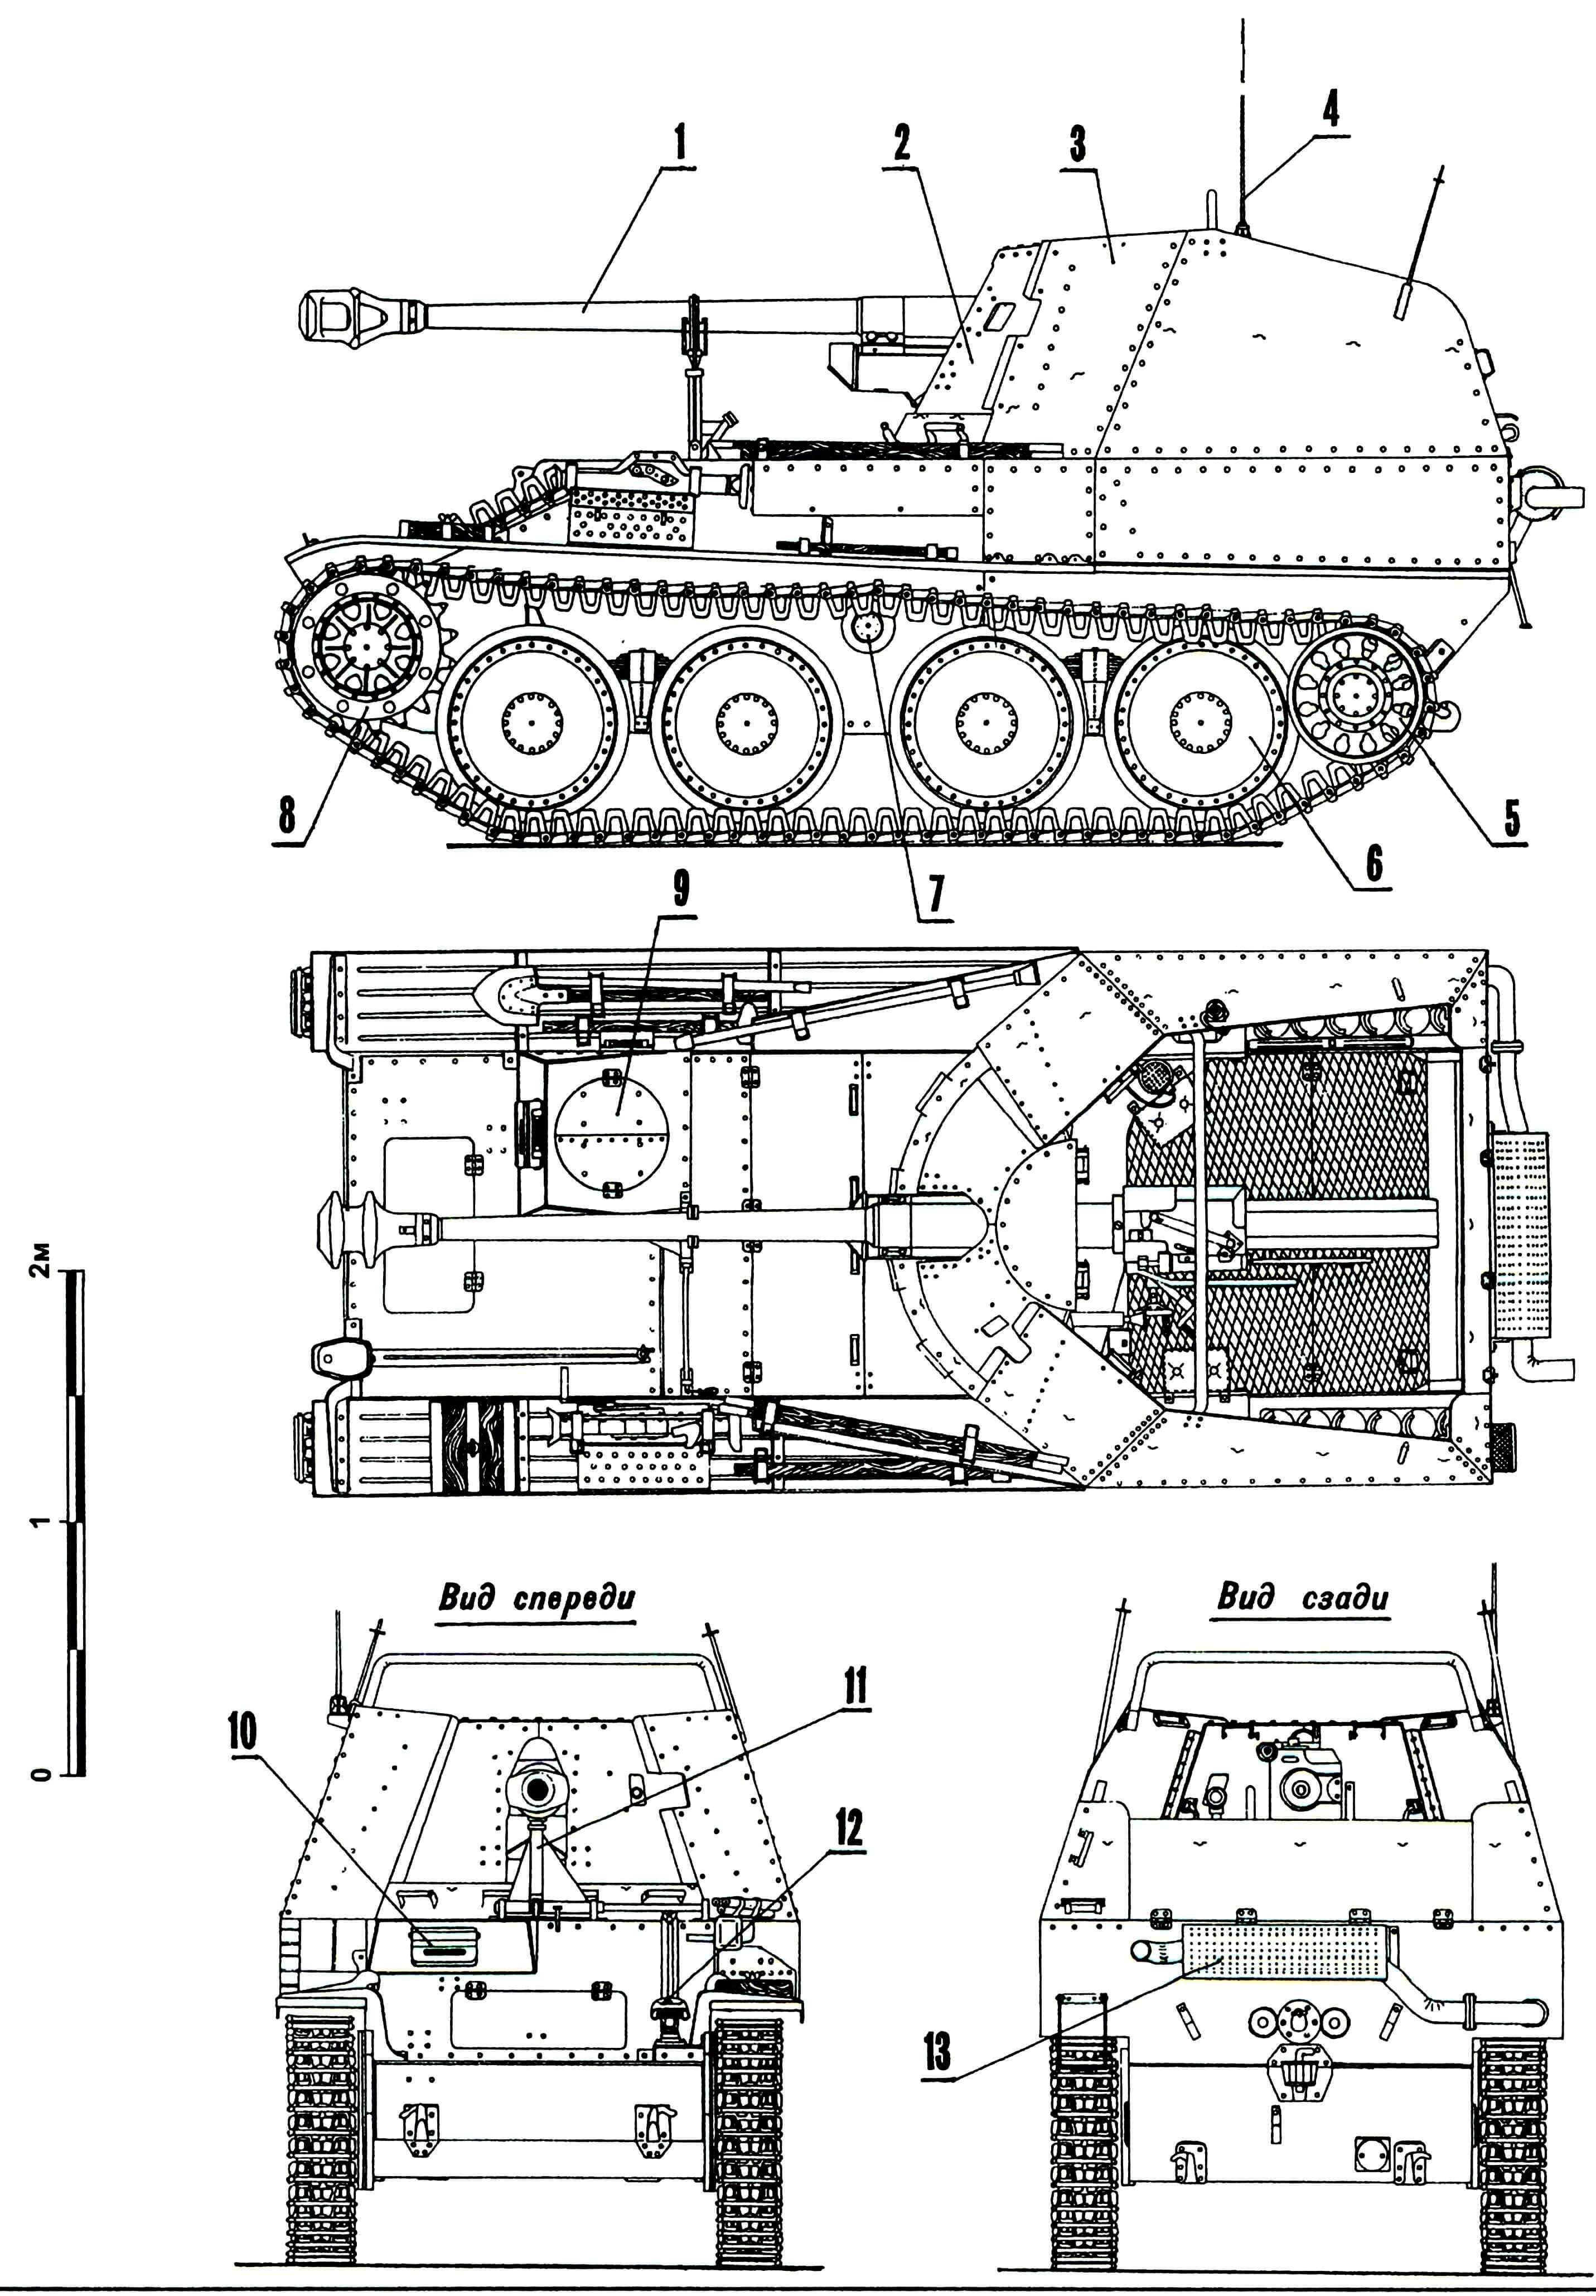 Самоходная установка Marder III Ausf.M (Sd.Kfz.138): 1 — пушка Pak 40/3 75-mm; 2 — бронировка подвижная; 3 — рубка; 4 — антенна; 5 — колесо направляющее; 6 — каток опорный; 7 — каток поддерживающий; 8 — колесо ведущее; 9 — люк механика-водителя; 10 — прибор наблюдения механика-водителя; 11 — кронштейн крепления пушки по-походному; 12 — фара Notek; 13 — глушитель.